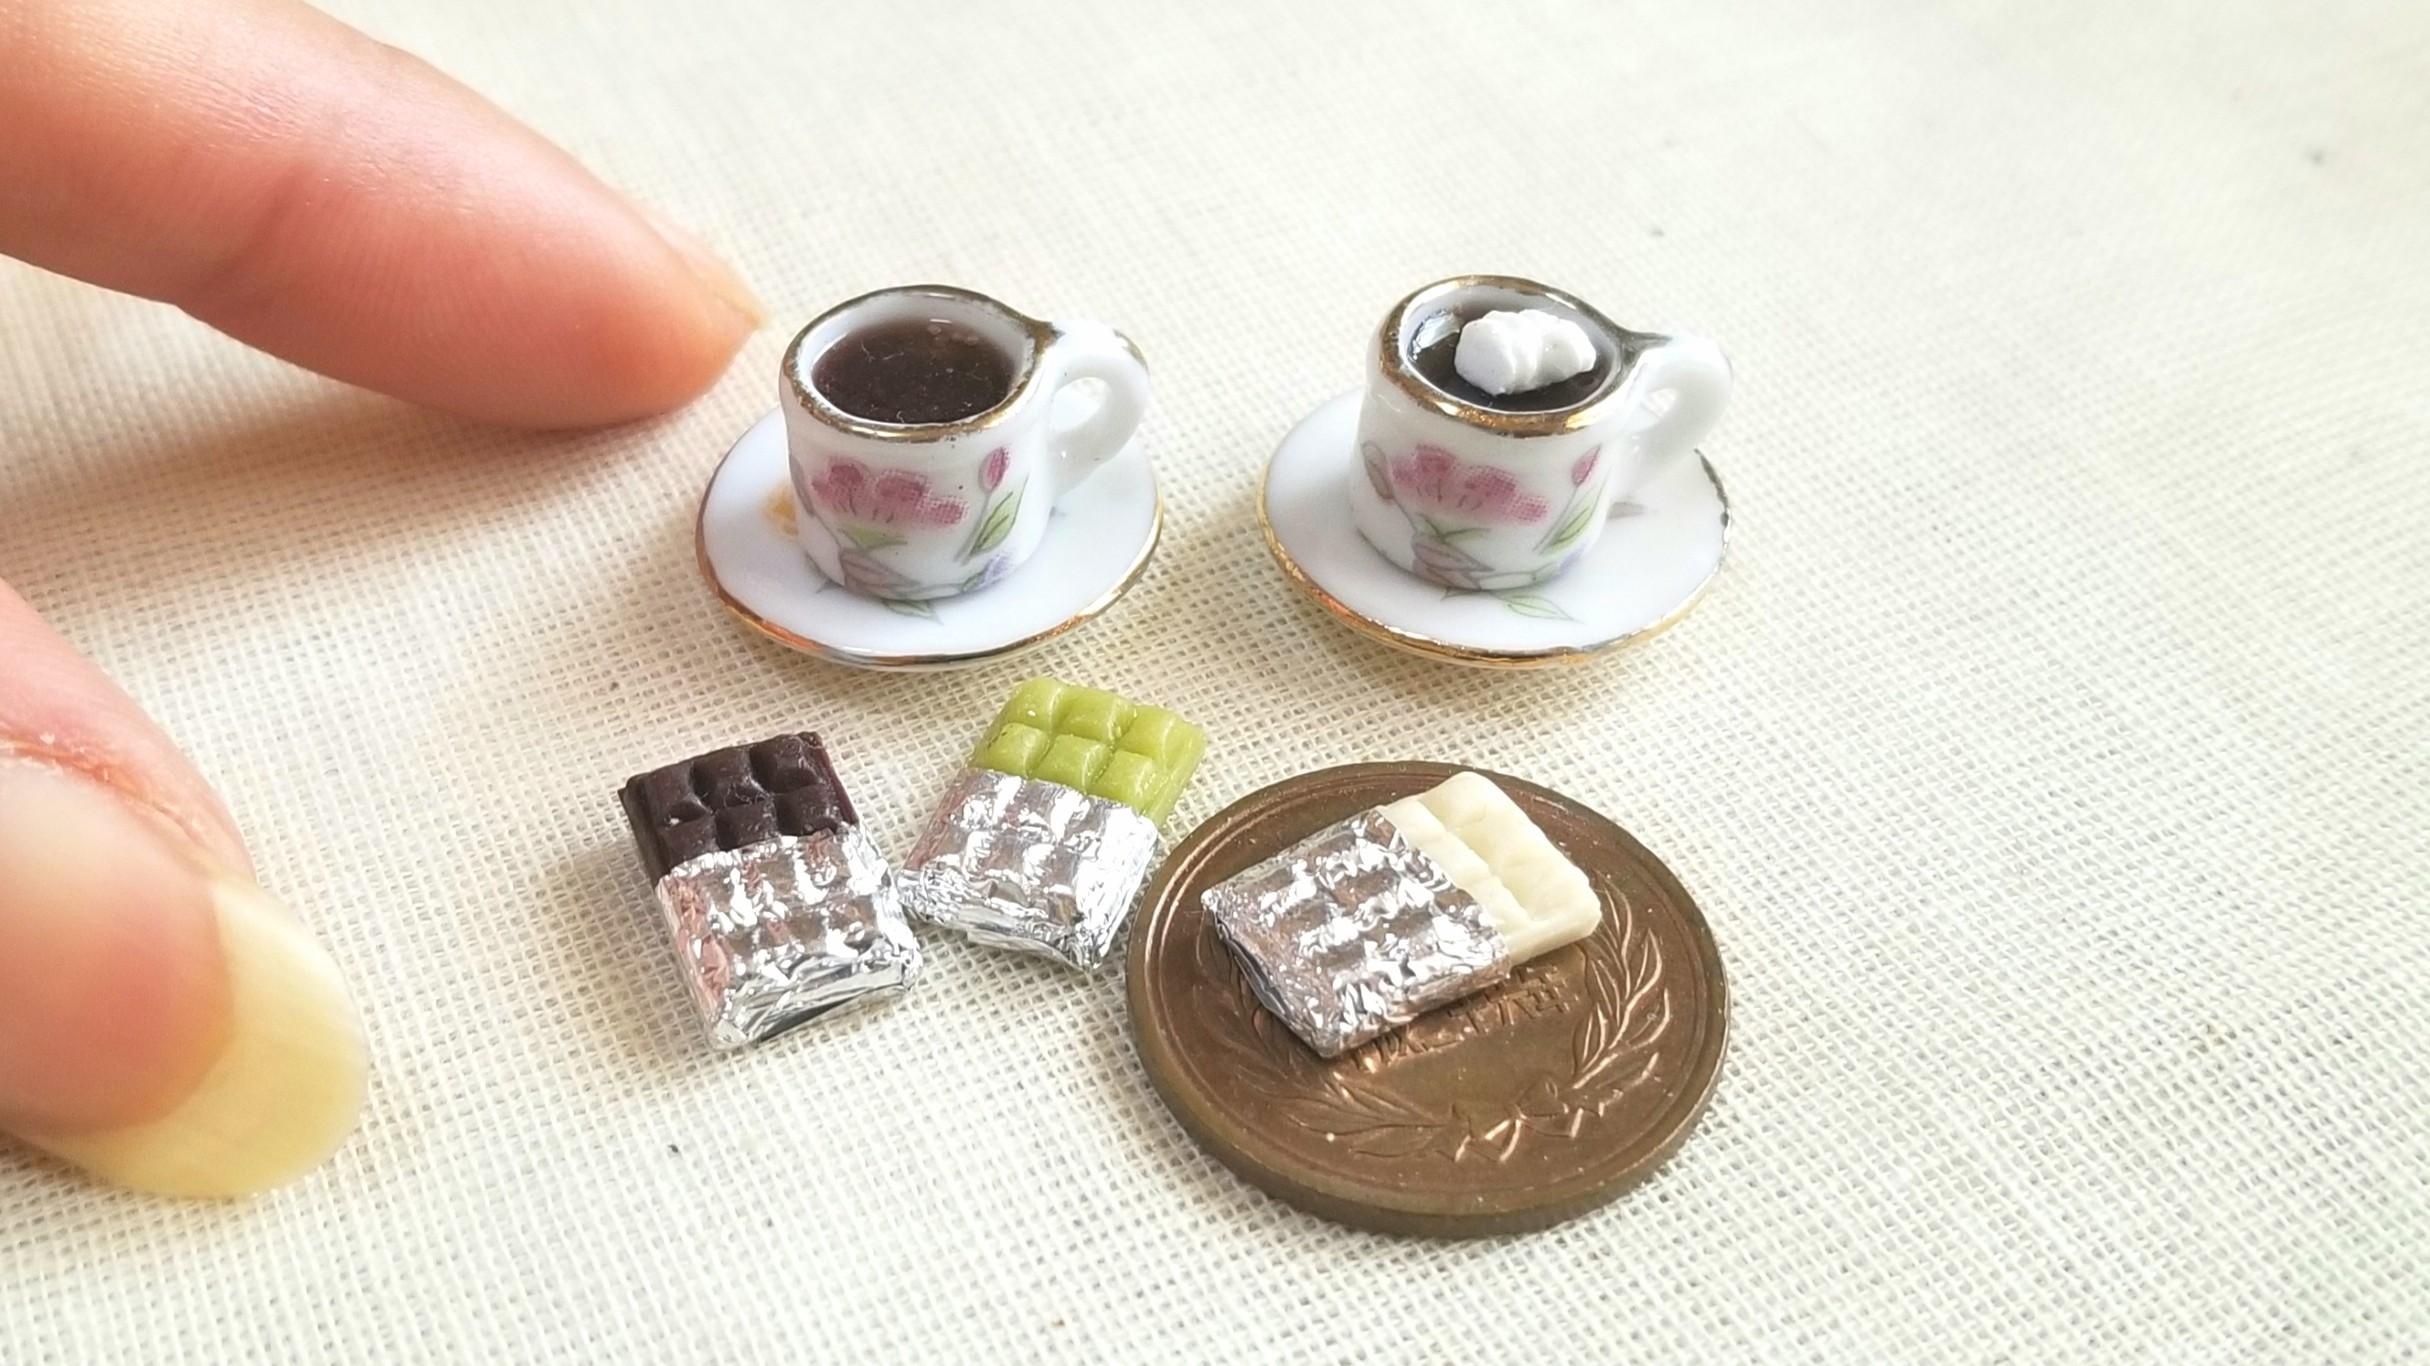 バレンタインデー,かわいいお洒落チョコレート,おすすめミニチュア